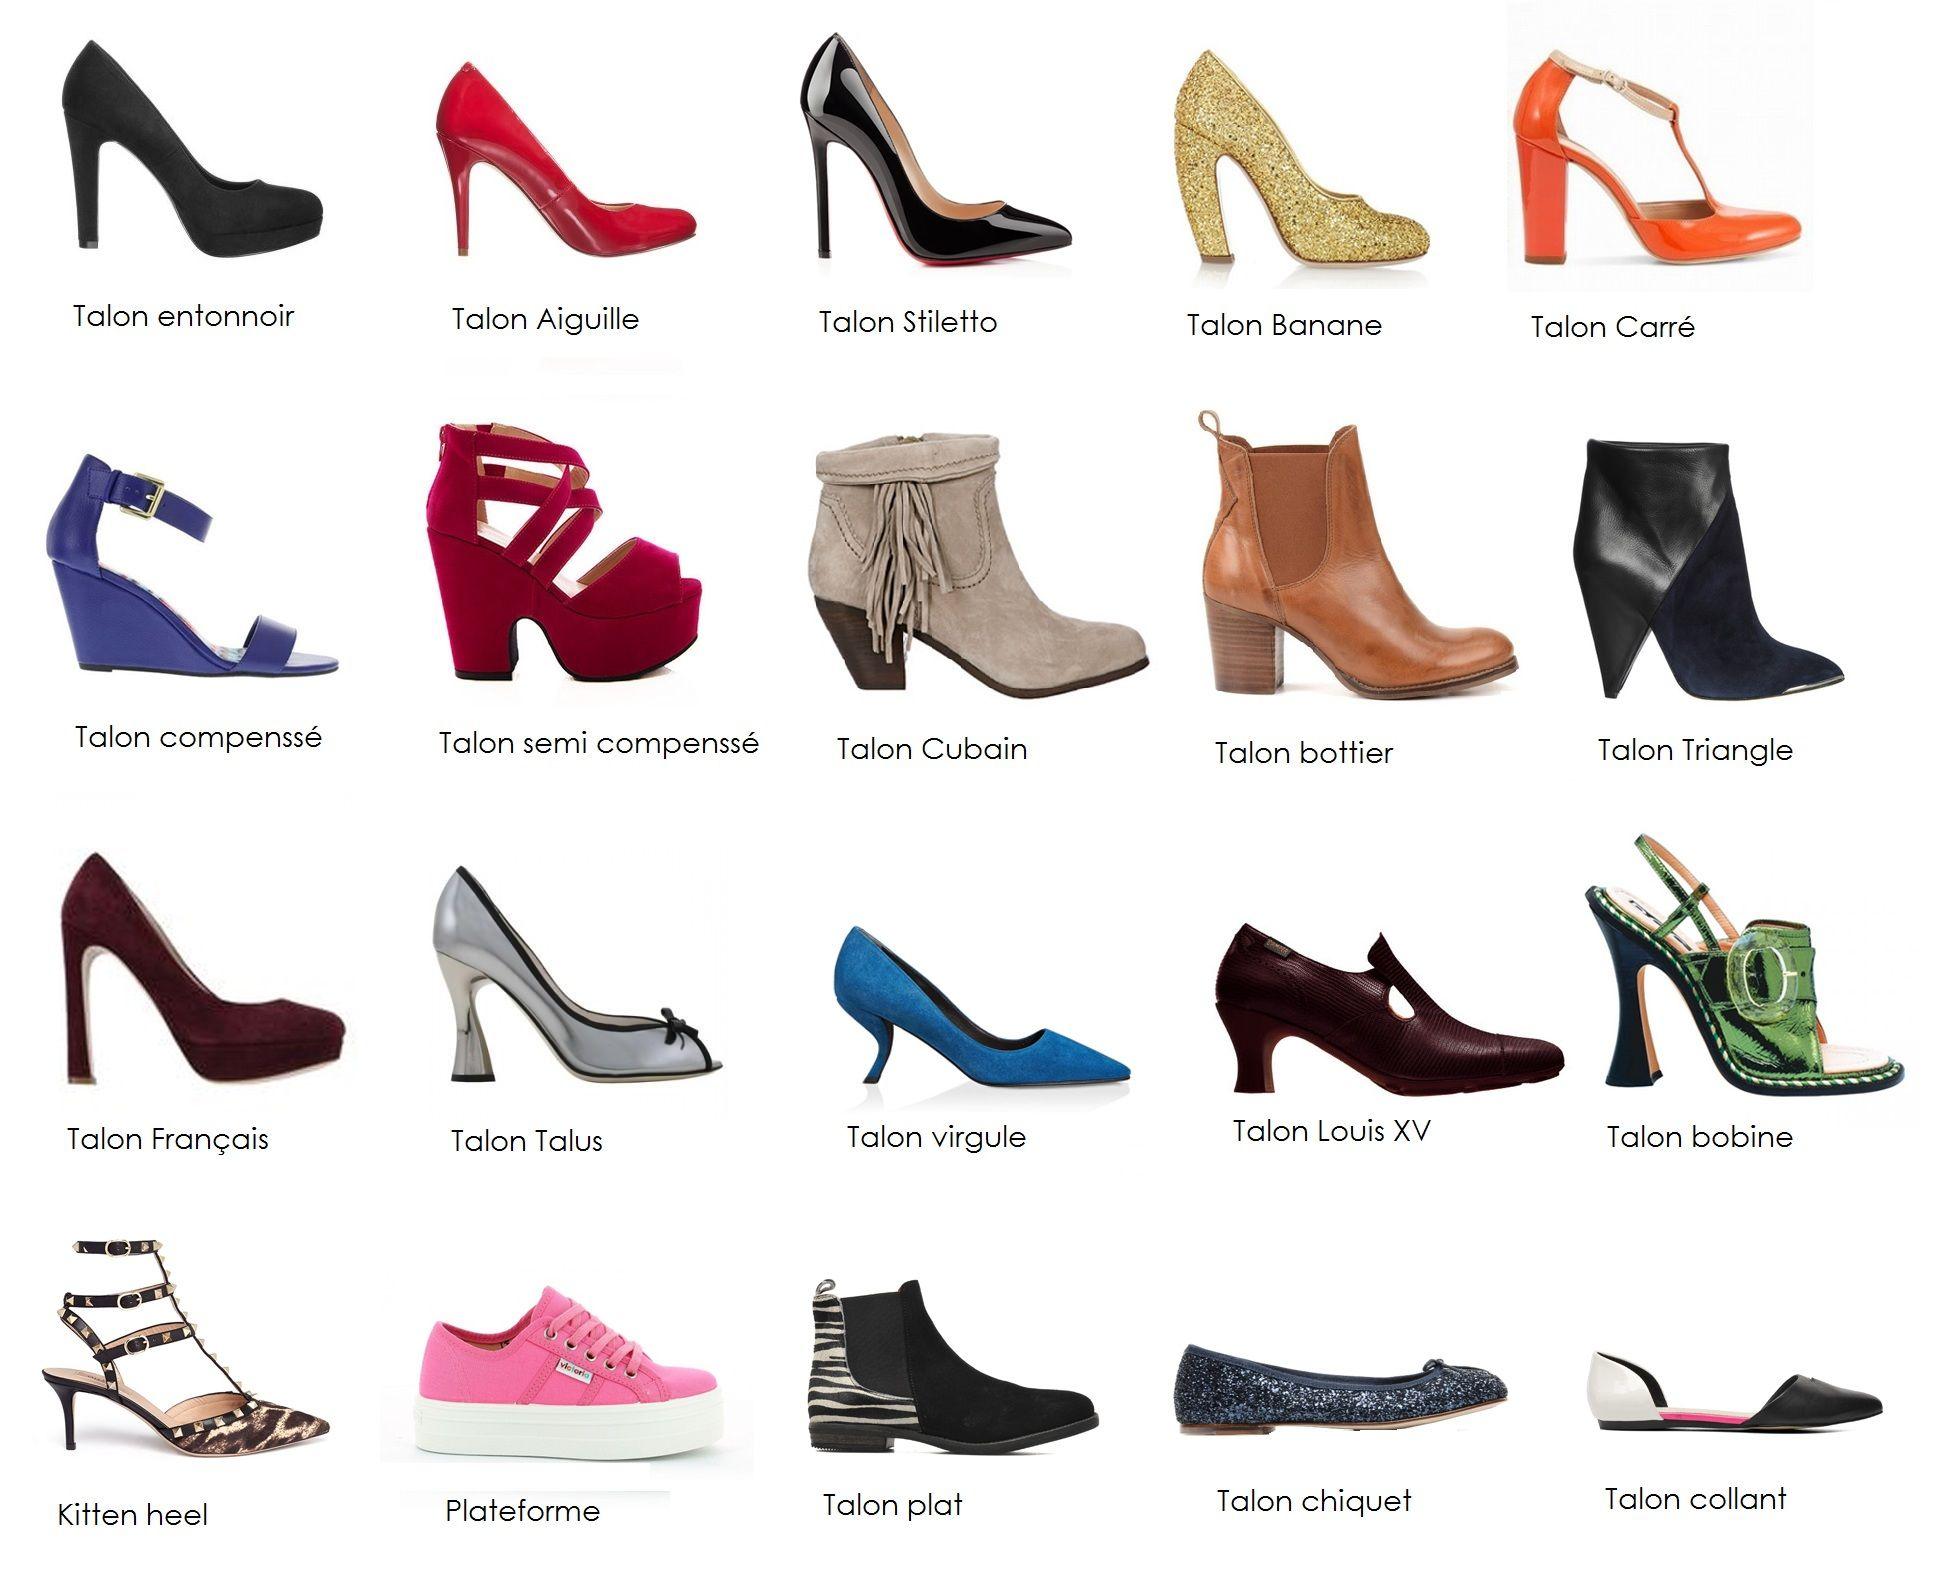 виды женских туфлей названия с картинками связано тем